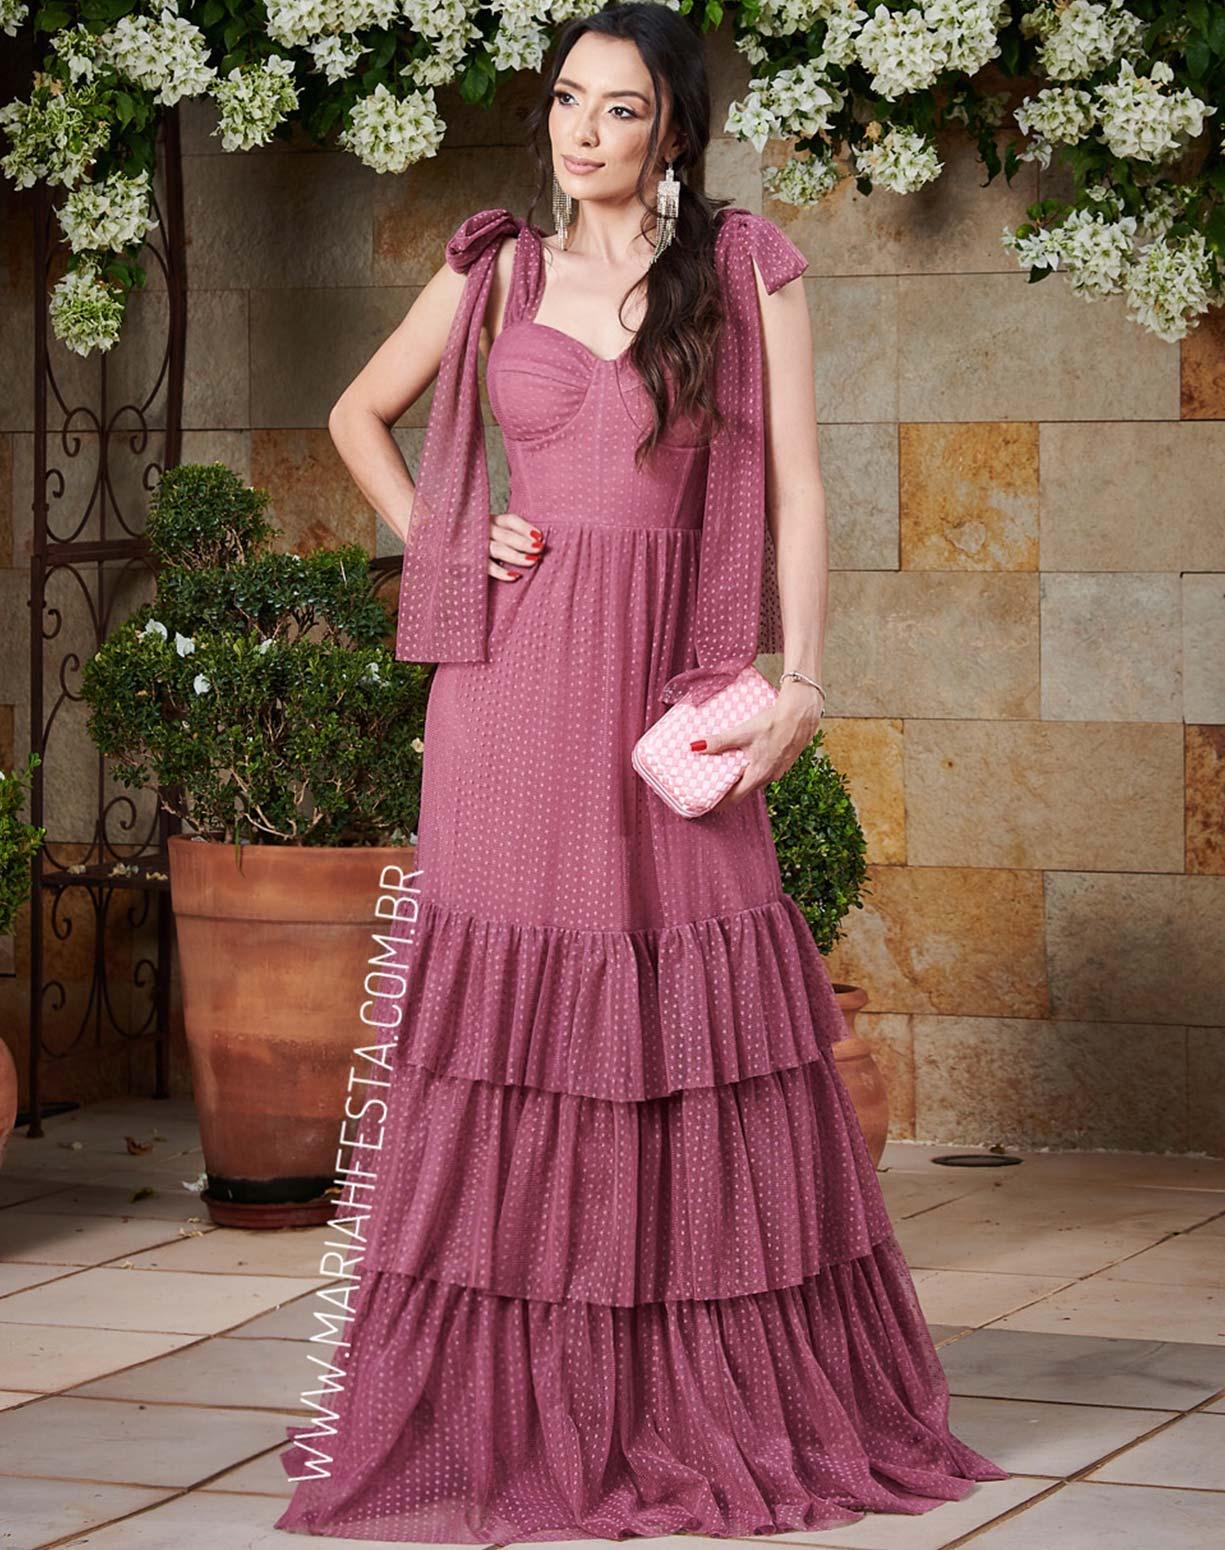 Vestido Rosa Canela em Tule Texturizado Com Alça de Amarrar